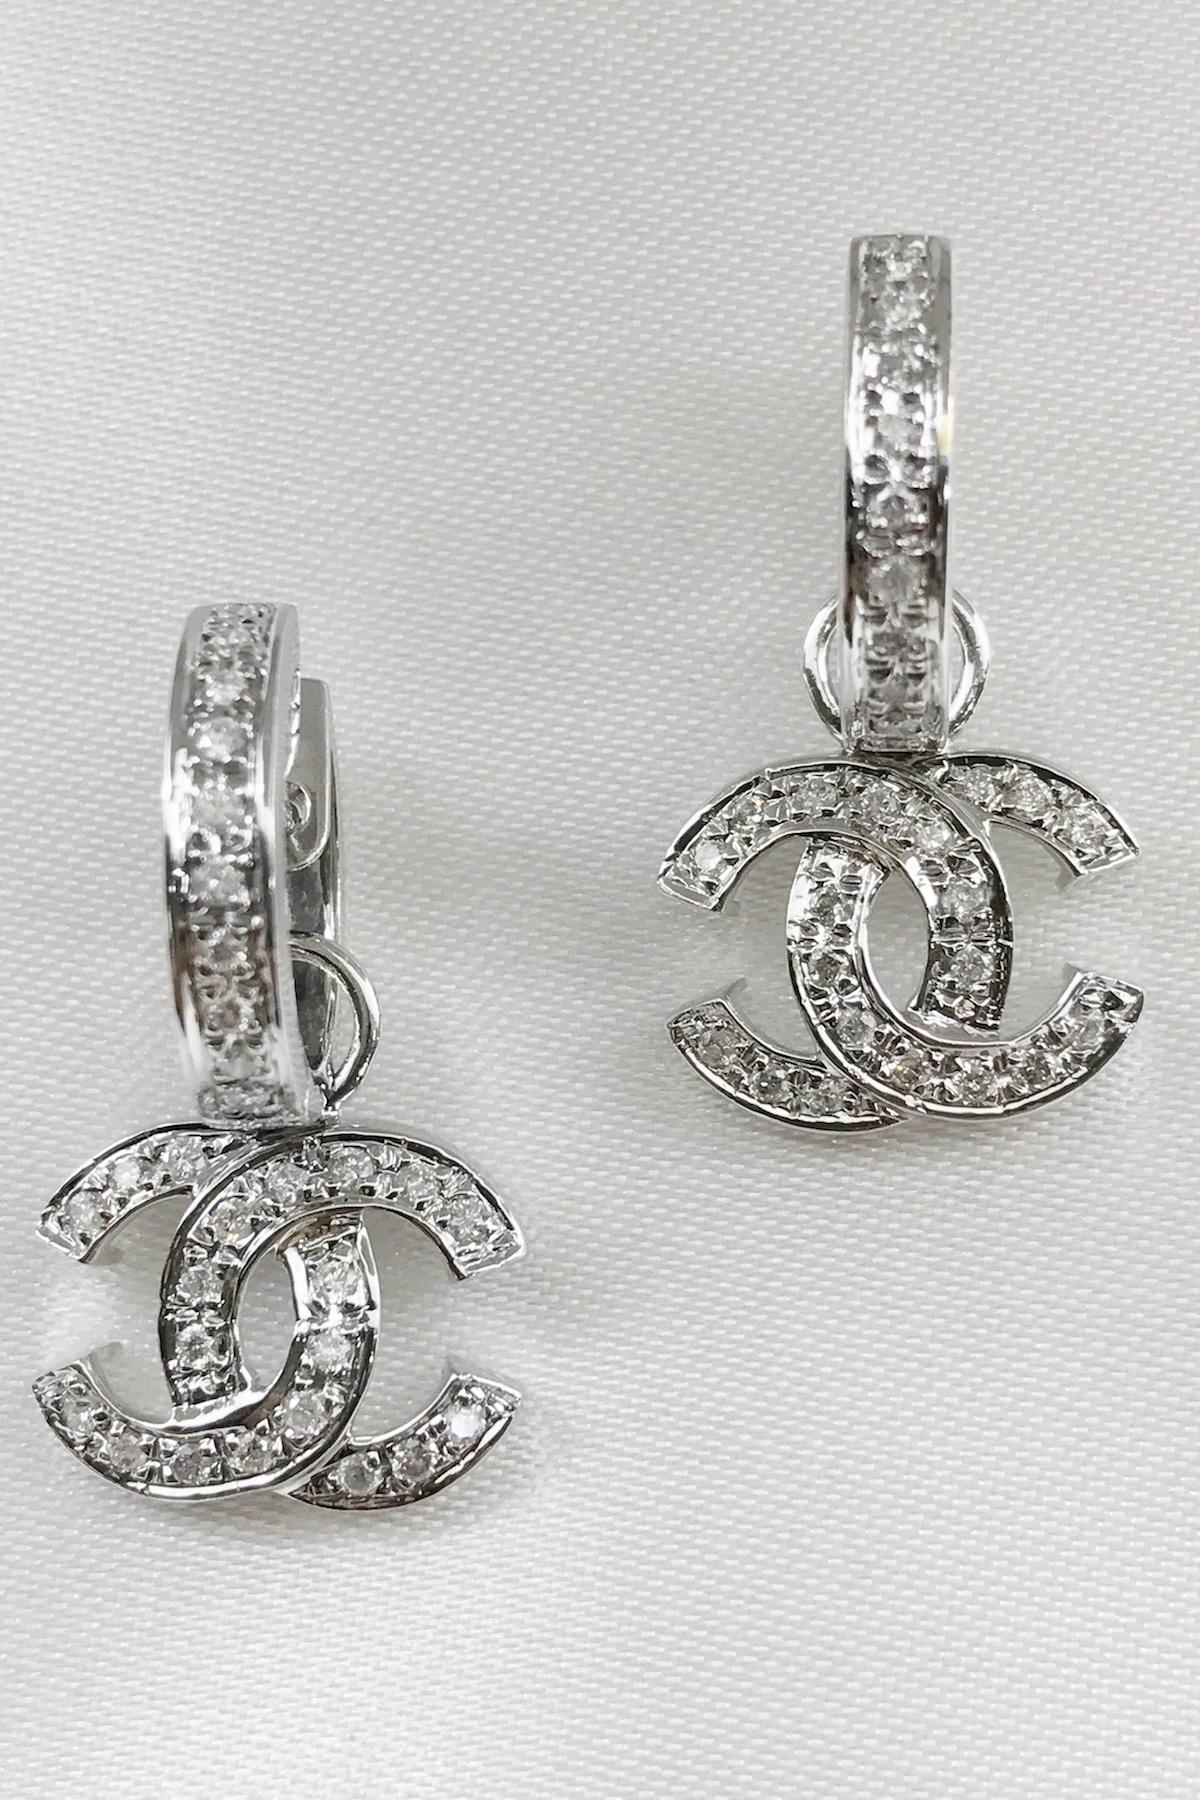 Diamond Earrings set in 14k White Gold